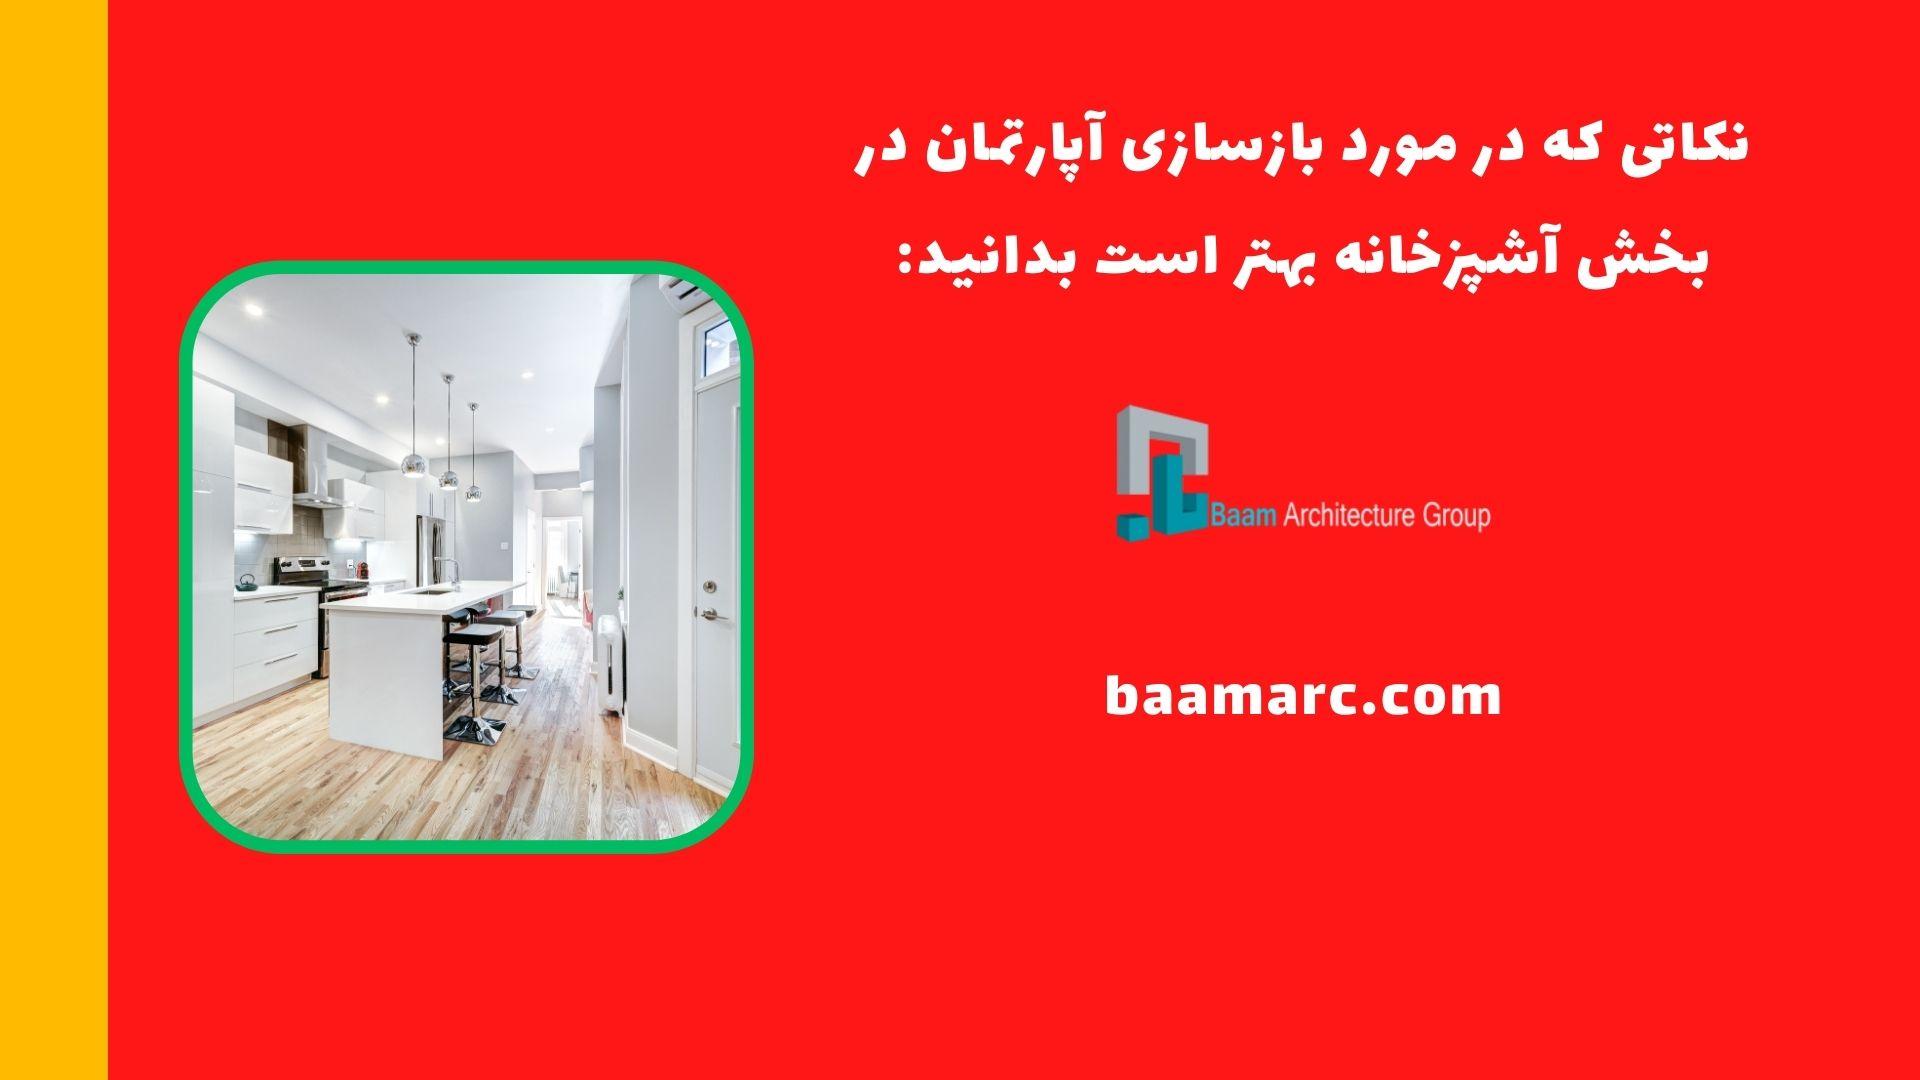 نکاتی که در مورد بازسازی آپارتمان در بخش آشپزخانه بهتر است بدانید: